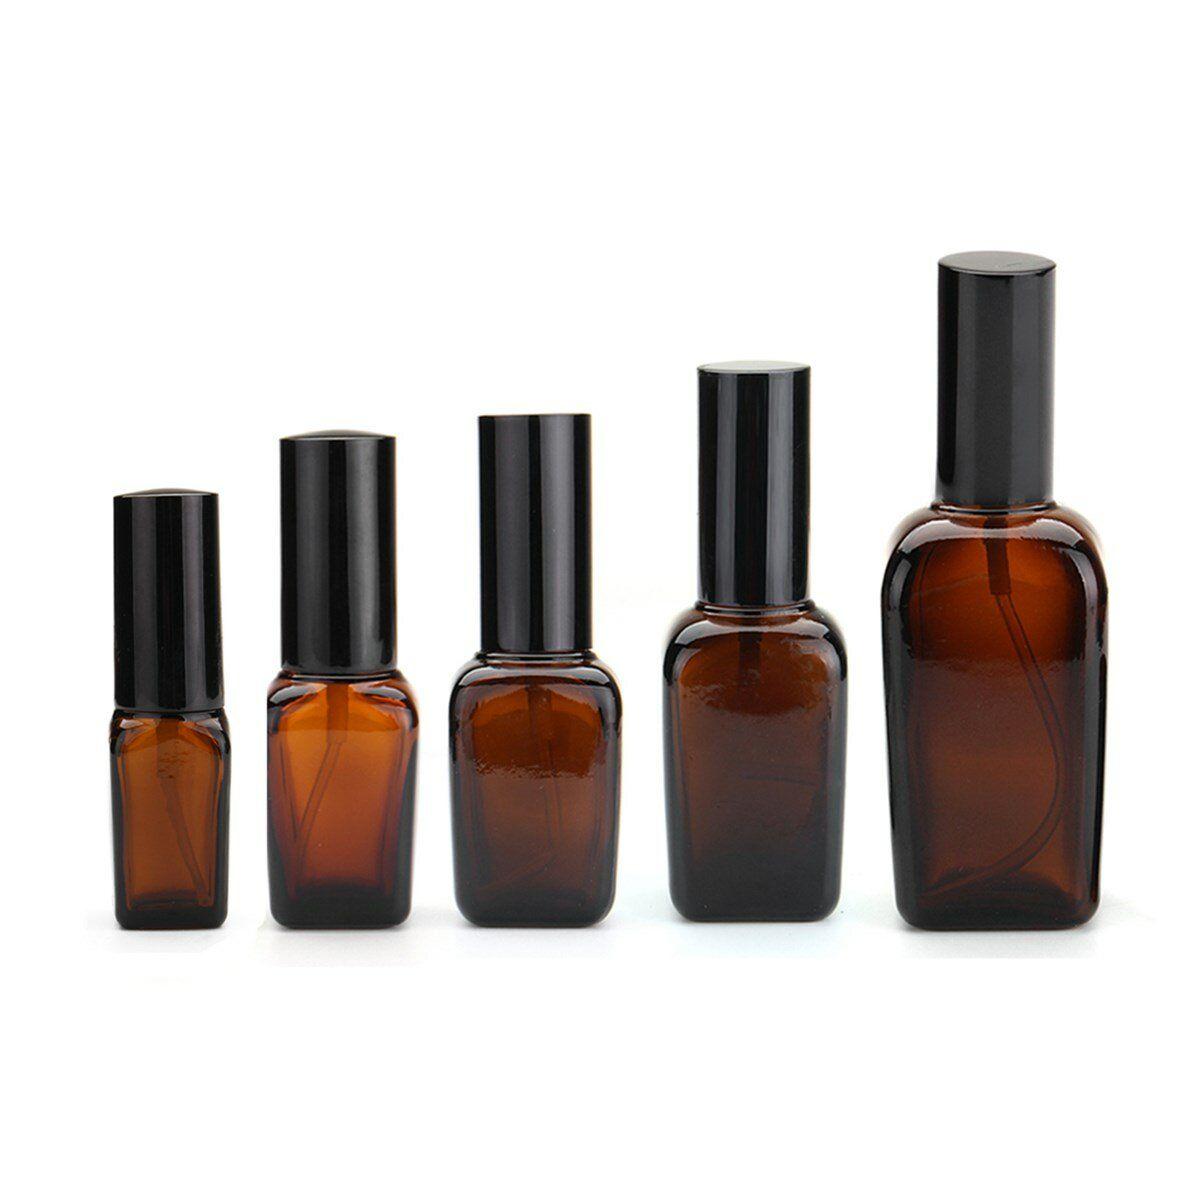 5Pcs Amber Glass Spray Bottles Water Sprayer Trigger for Essential Oil Perfume Toner